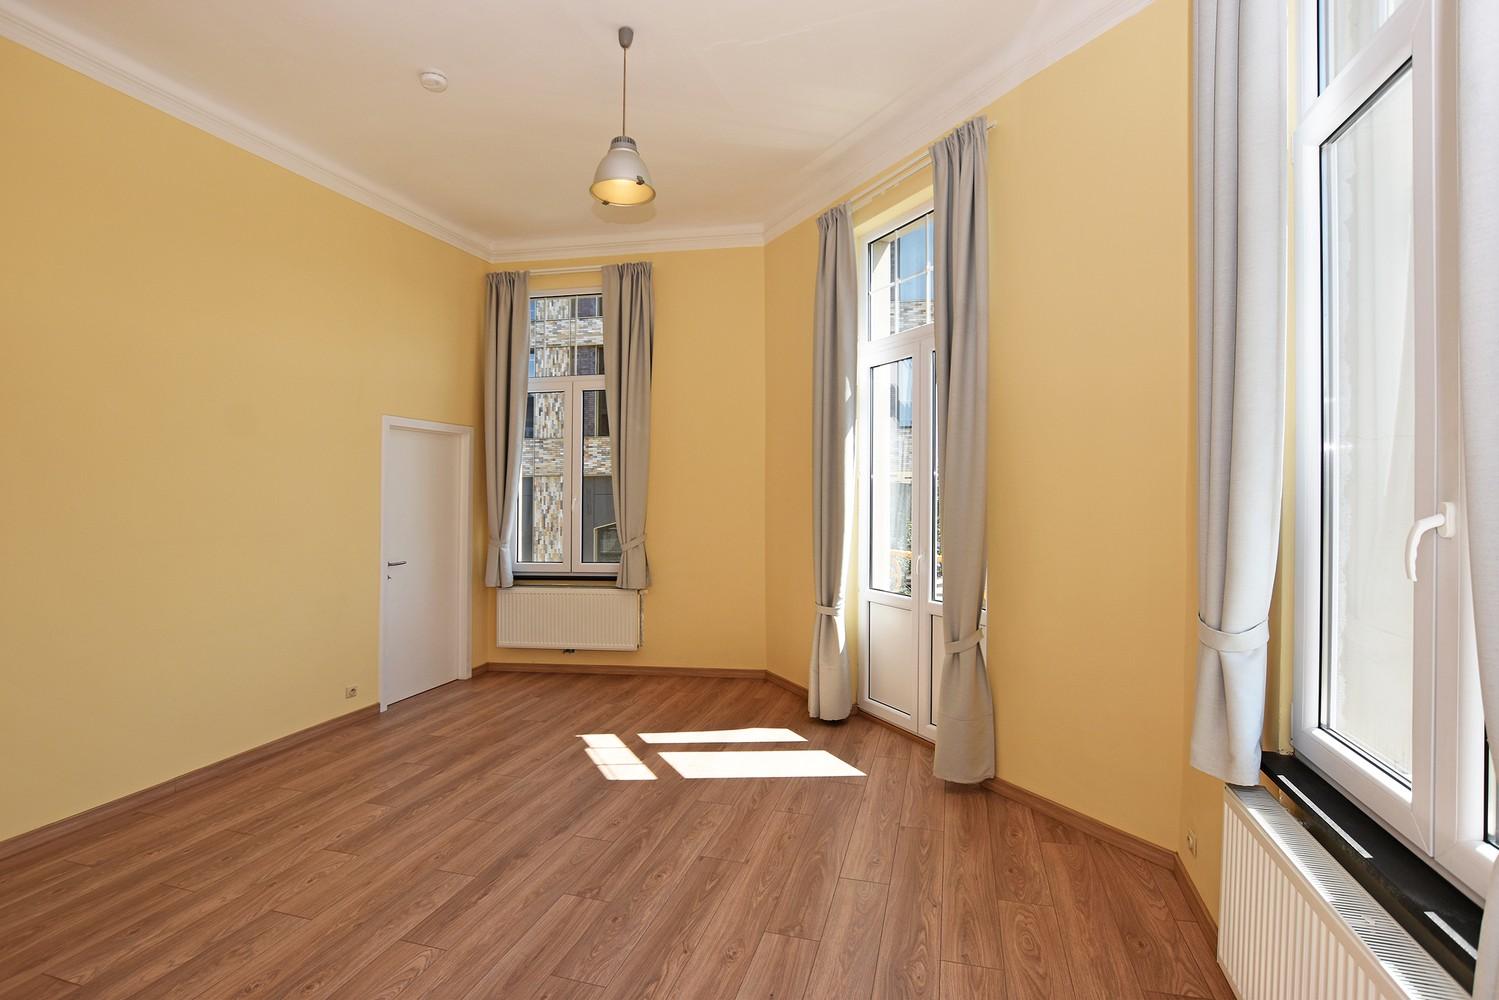 Gerenoveerd appartement met 1 slpk, gelegen op een toplocatie te Antwerpen! afbeelding 3